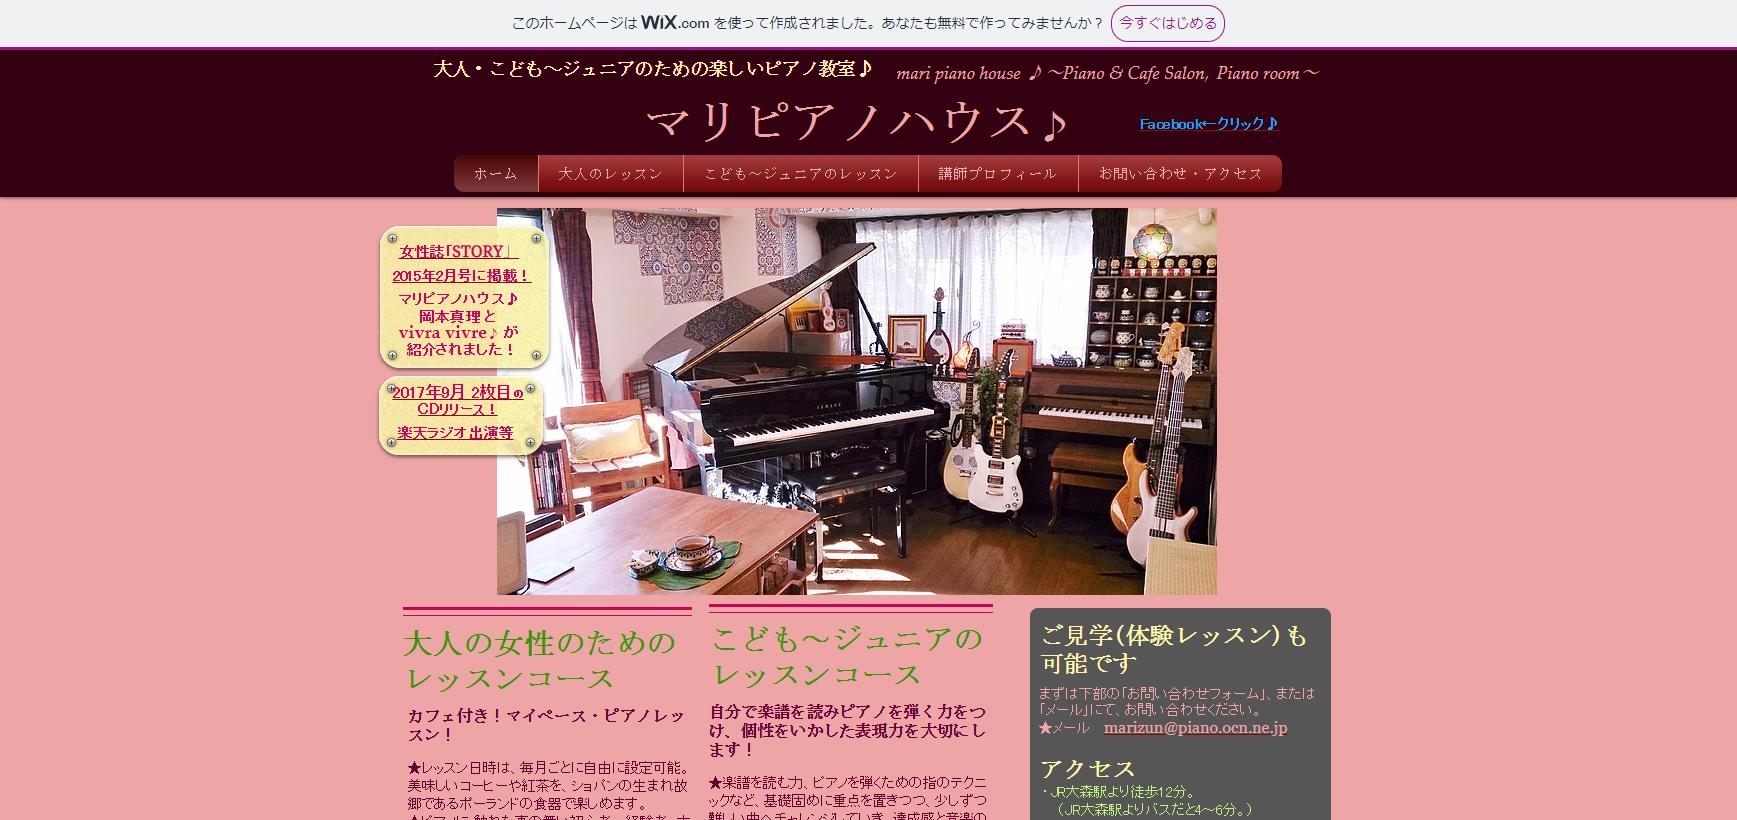 マリピアノハウスのサムネイル